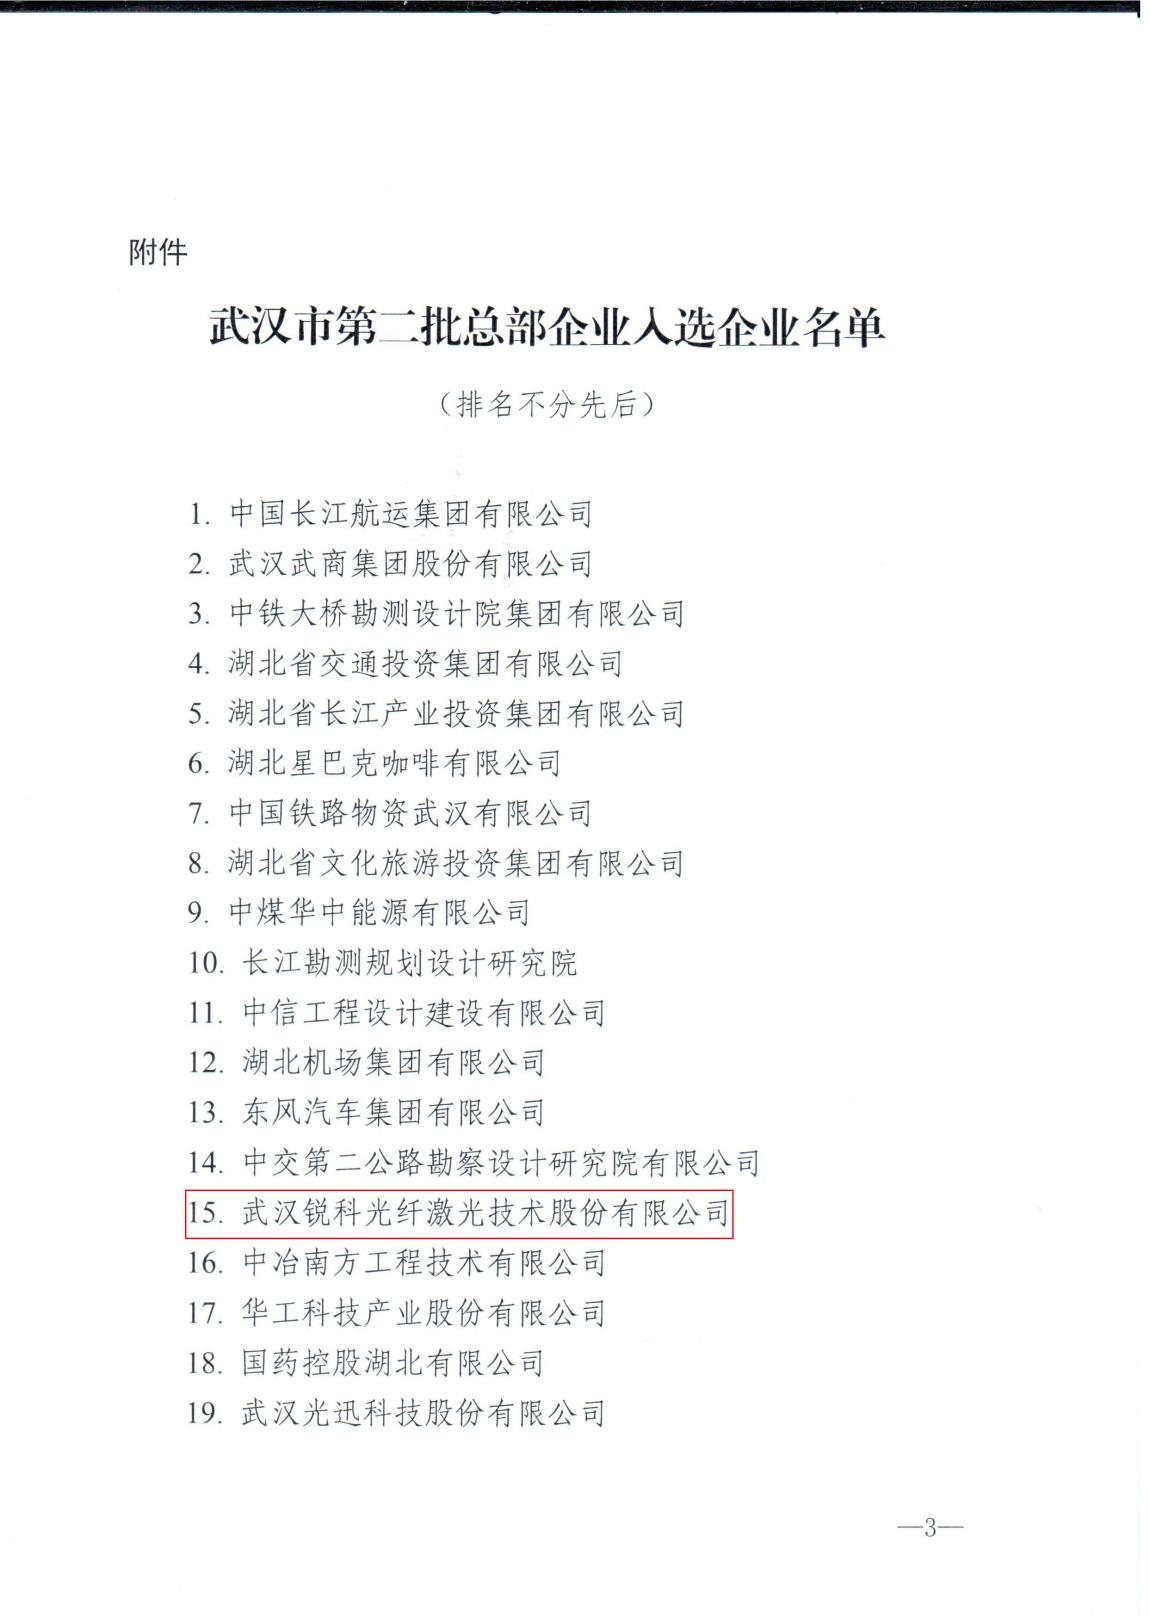 【球赛下注网站】引领中国改革开放的新浪潮